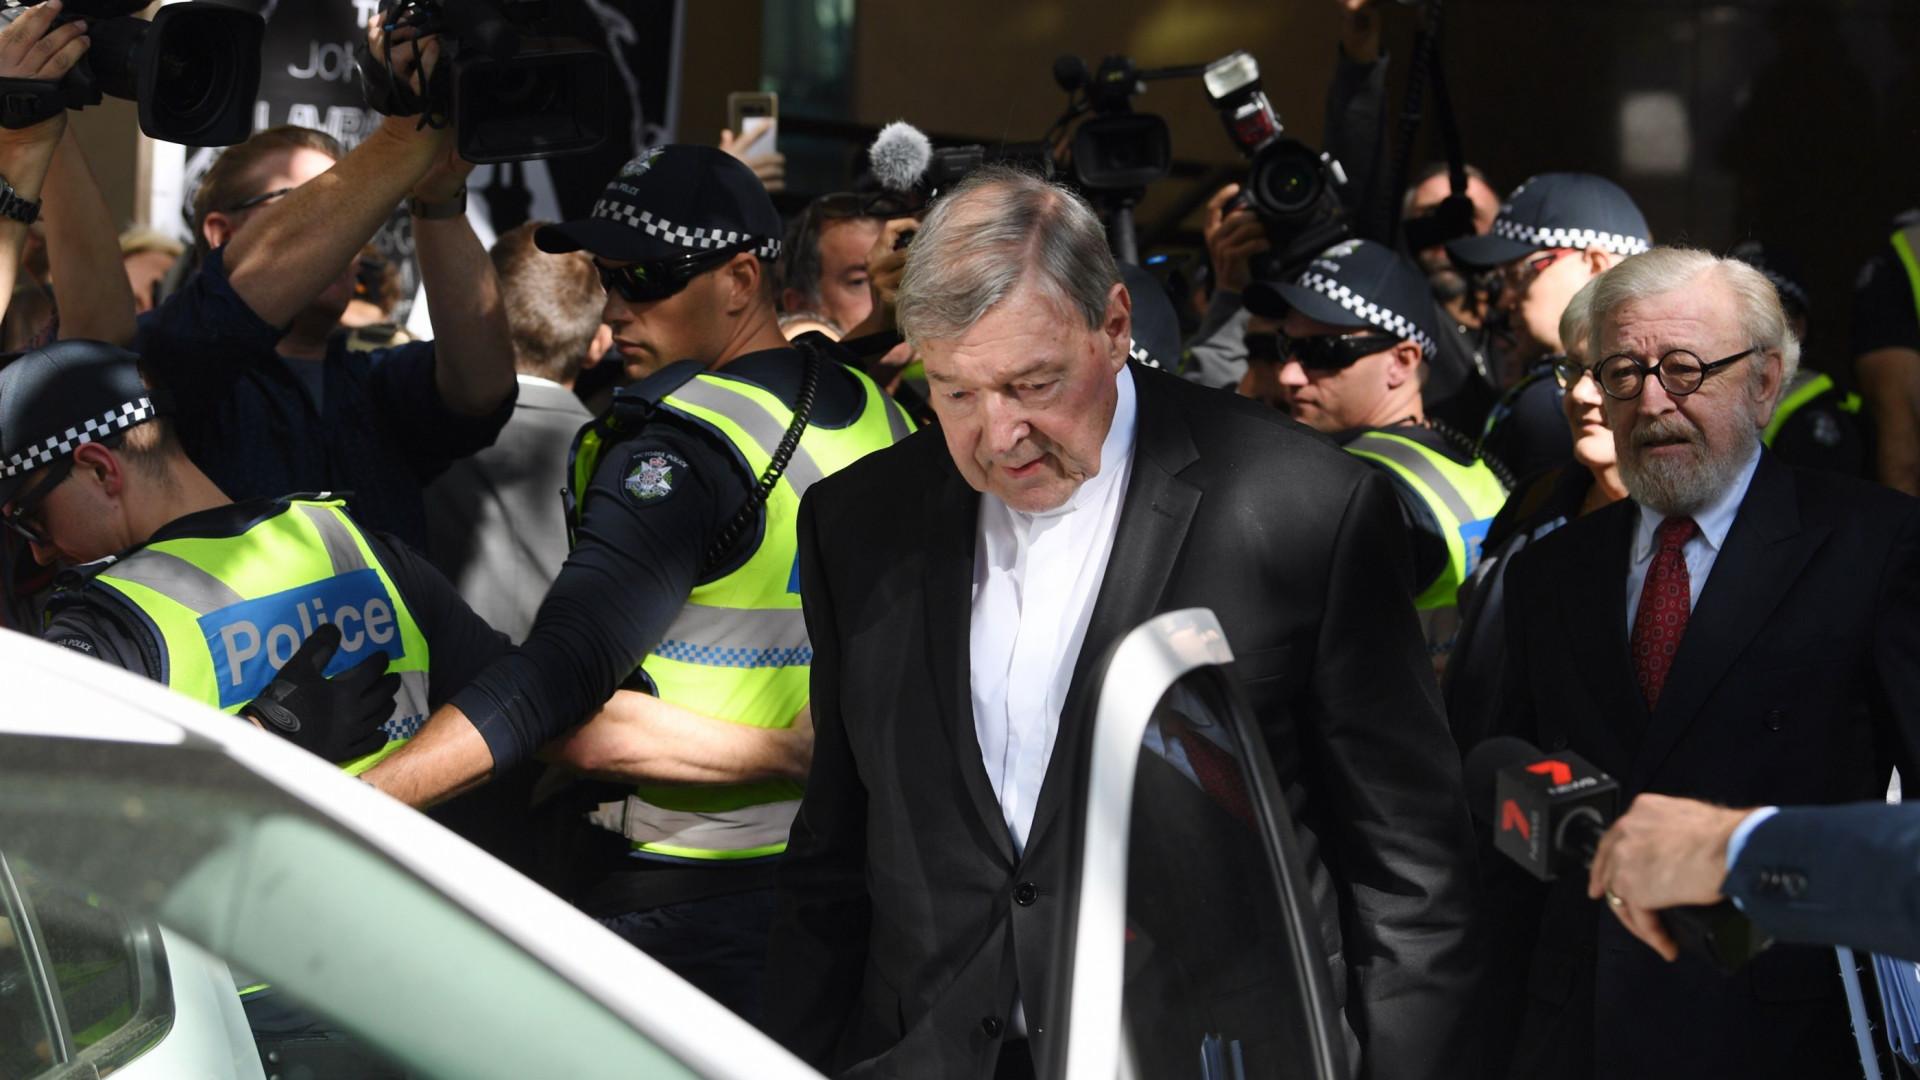 Cardeal George Pell, tesoureiro do Vaticano, será julgado por abuso sexual